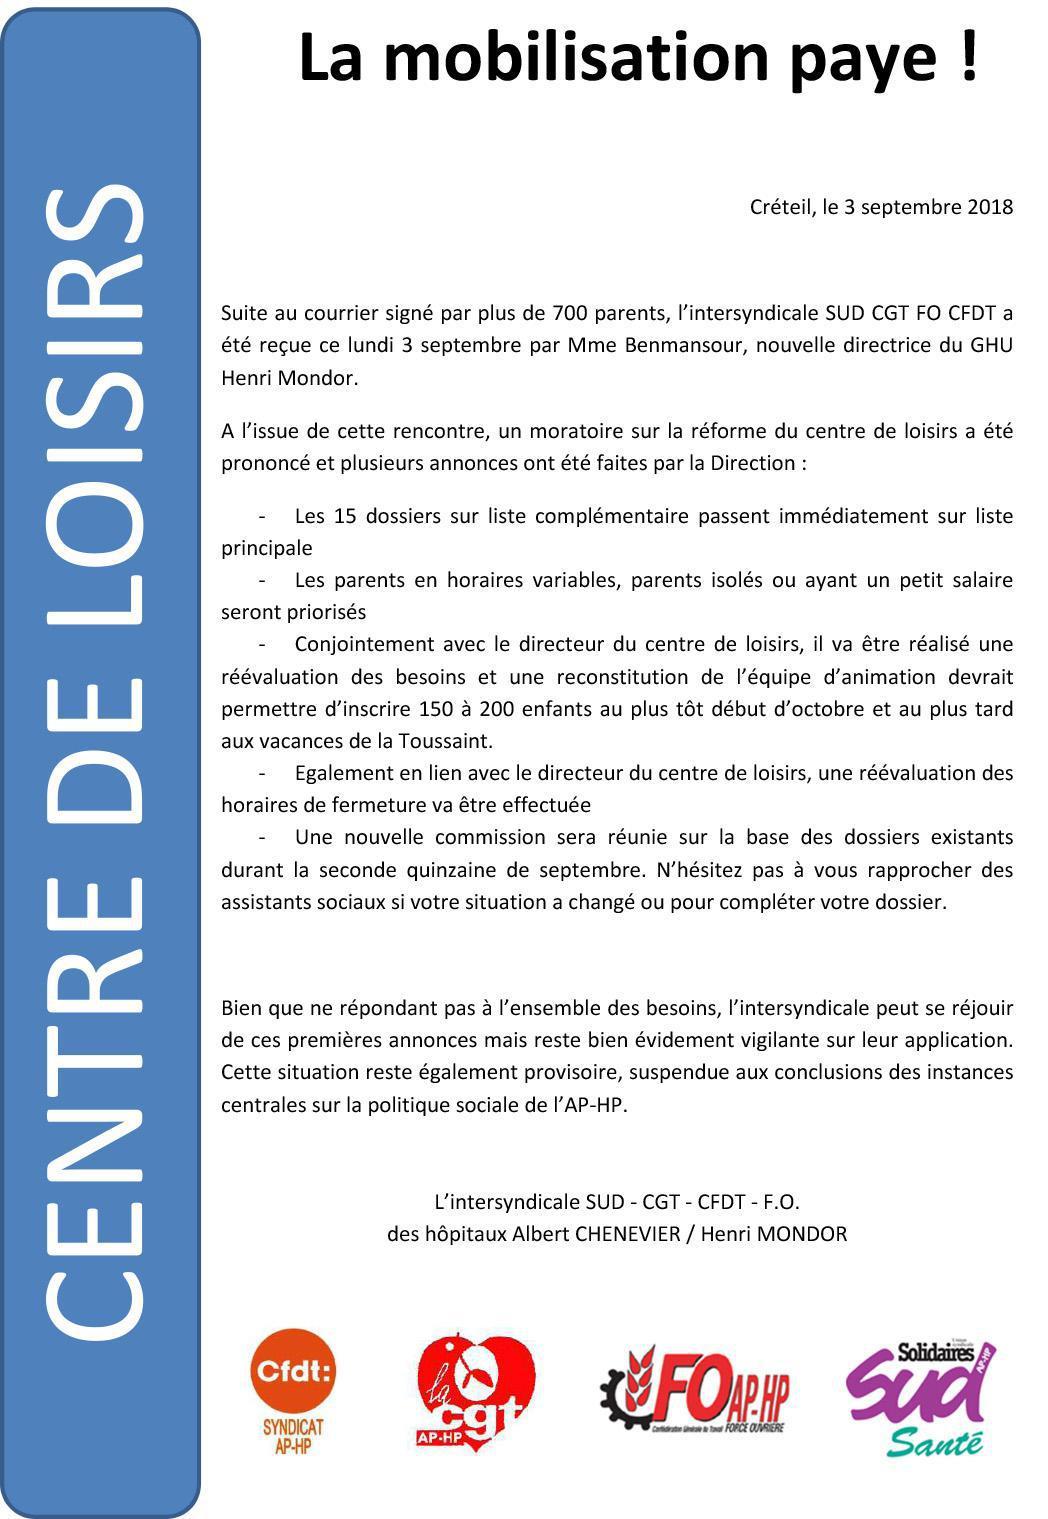 Chenevier-Mondor - Centre de Loisirs - La mobilisation paye !